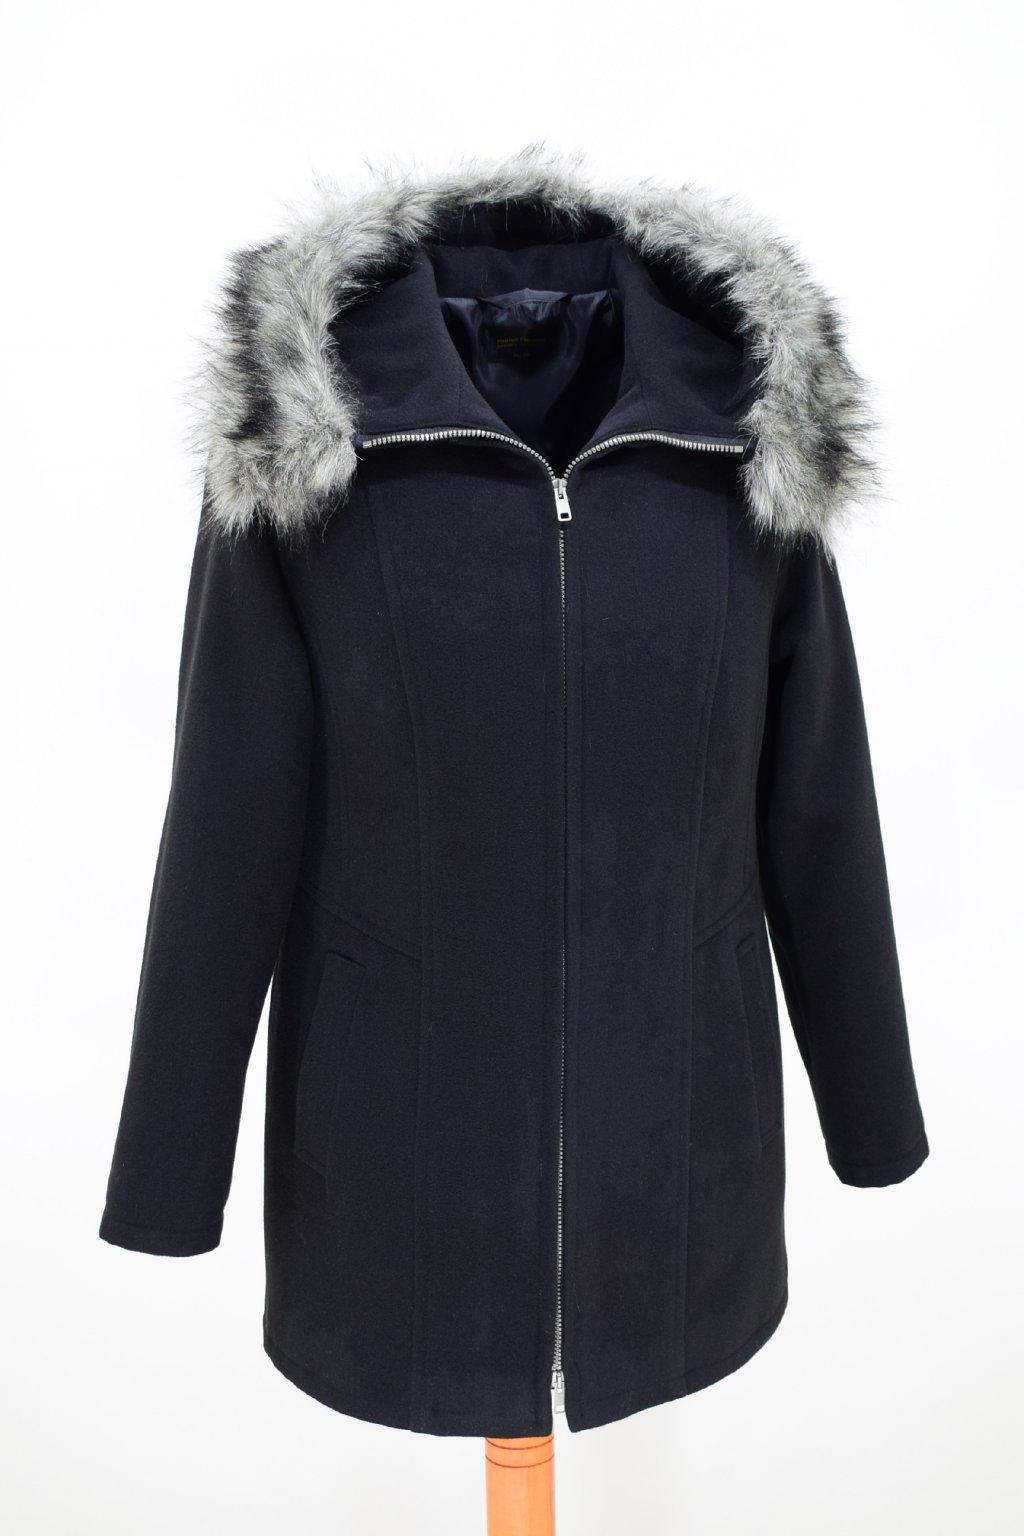 Dámský černý zimní kabátek Žaneta nadměrné velikosti.